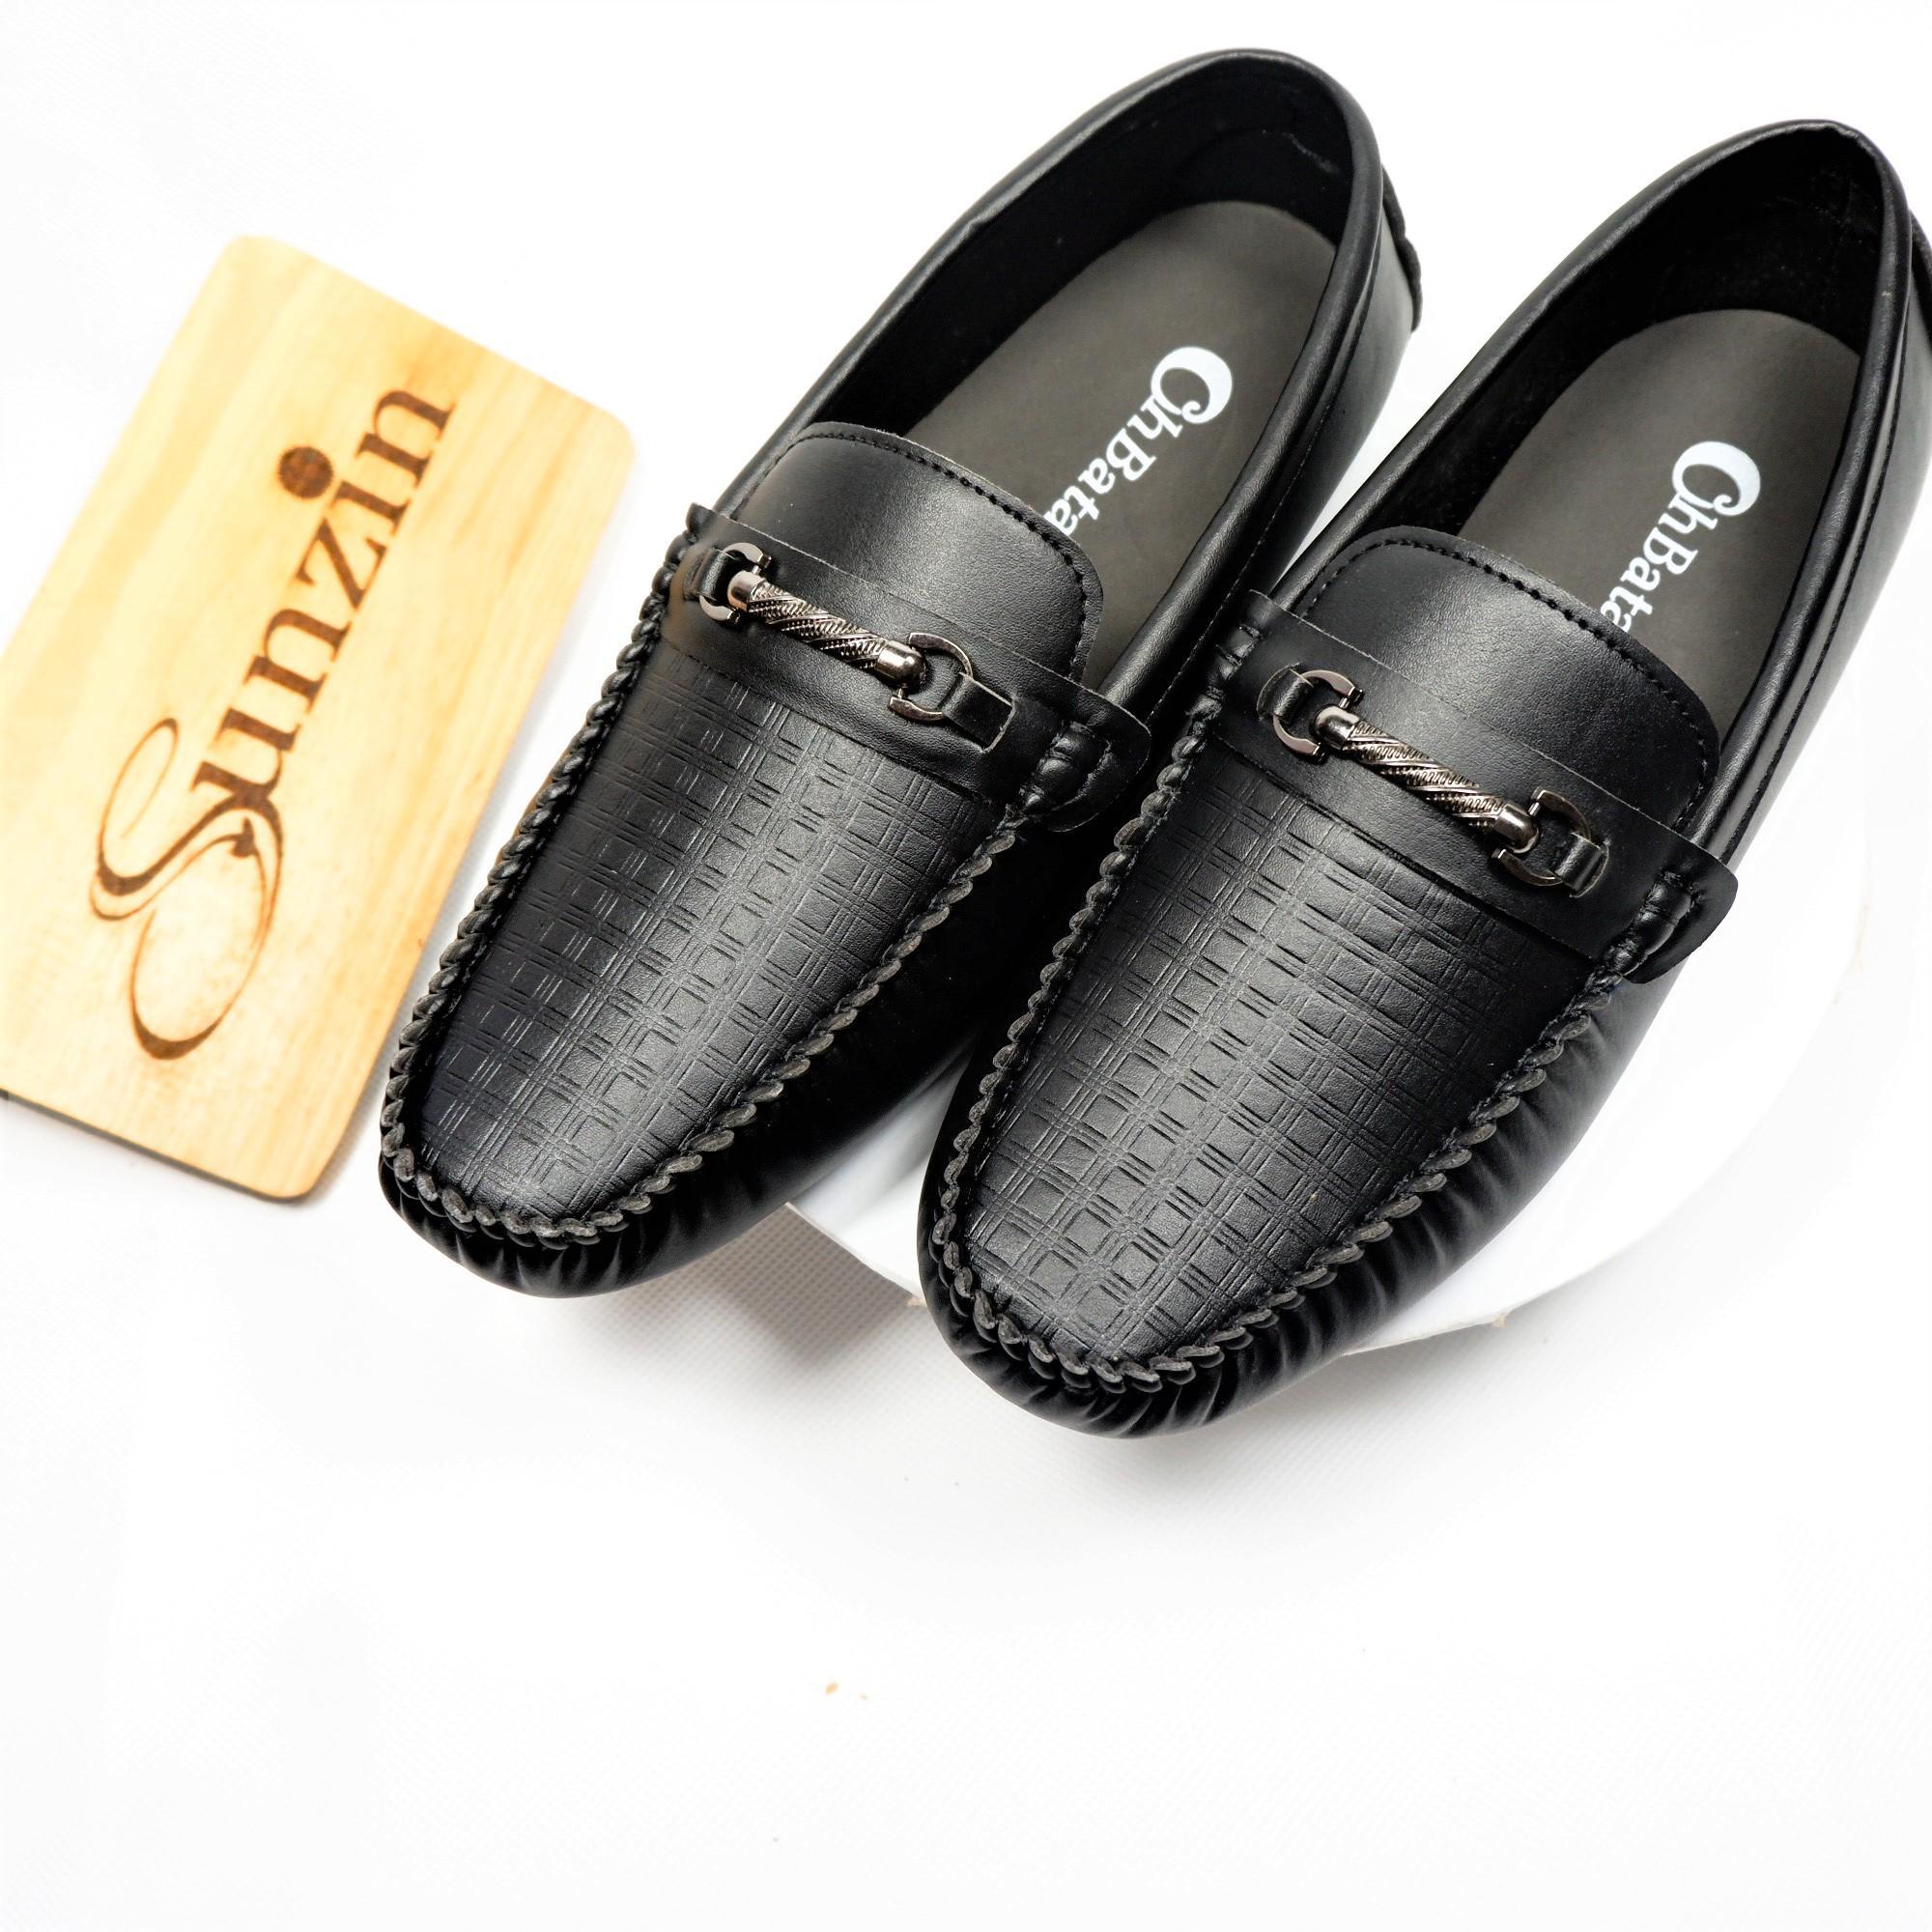 Sunzin.HCM Free từ 99k-Giày da không dây kiểu giày lười VÂN SẦN - Giày nam VL160Sần - Giày da PU...